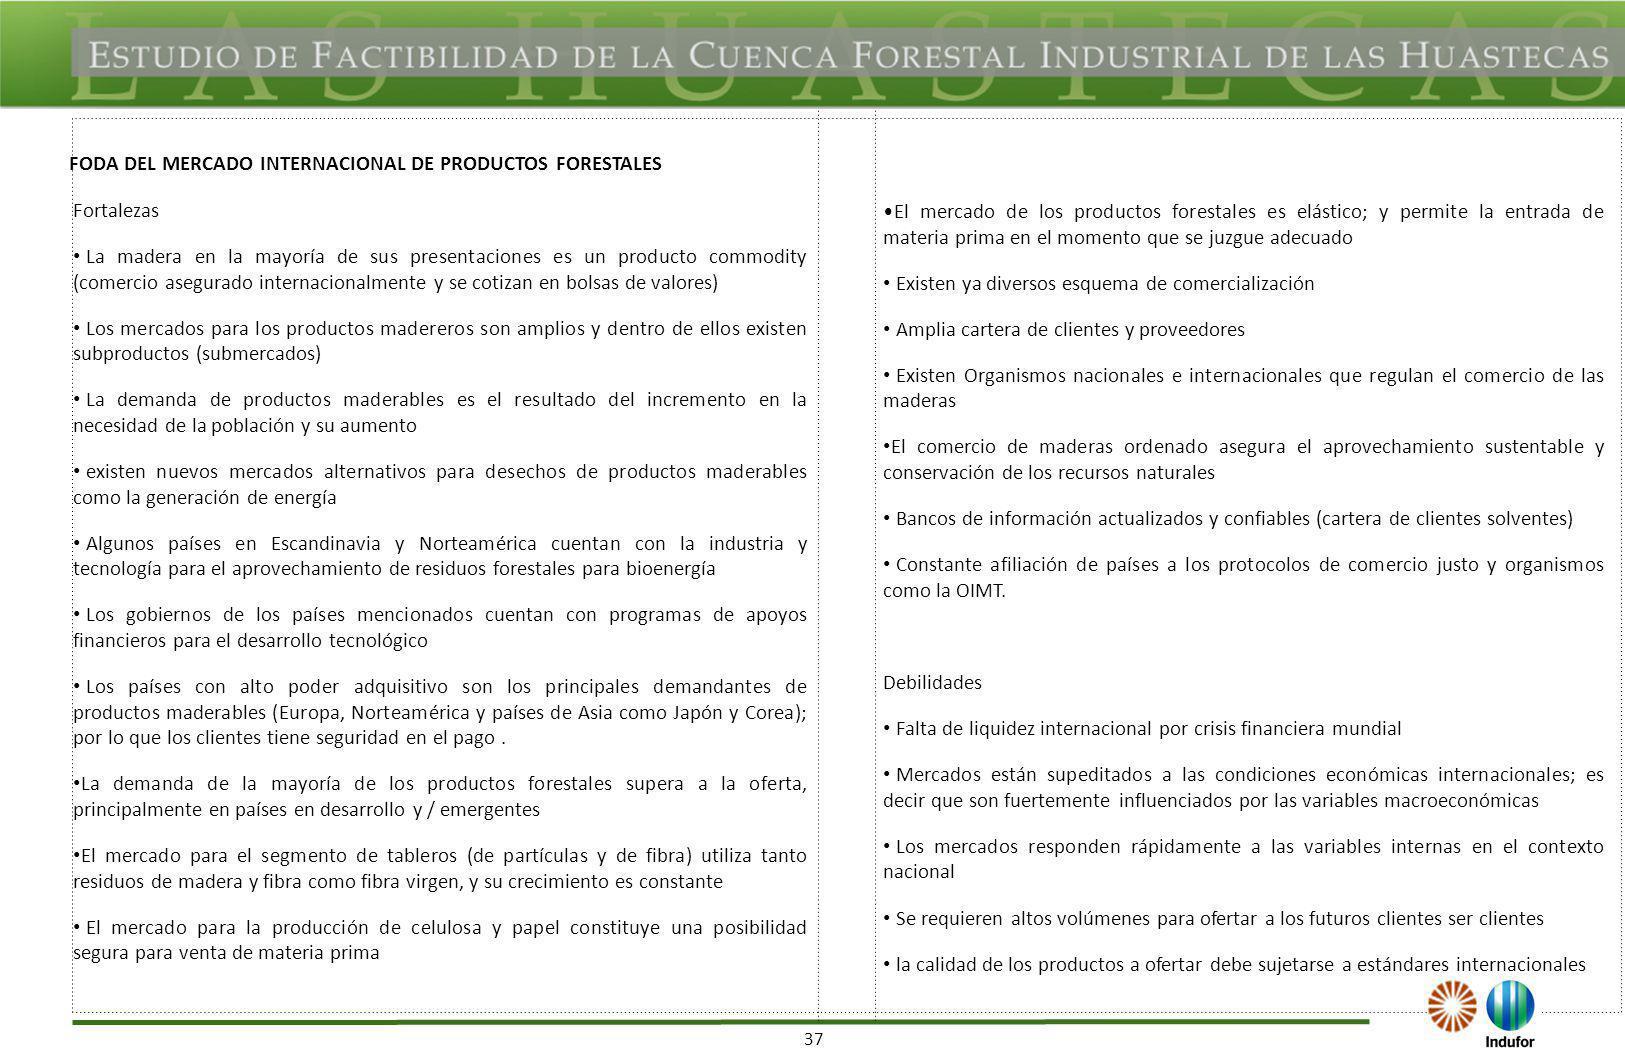 contracción de la industria papelera en algunos países como en México